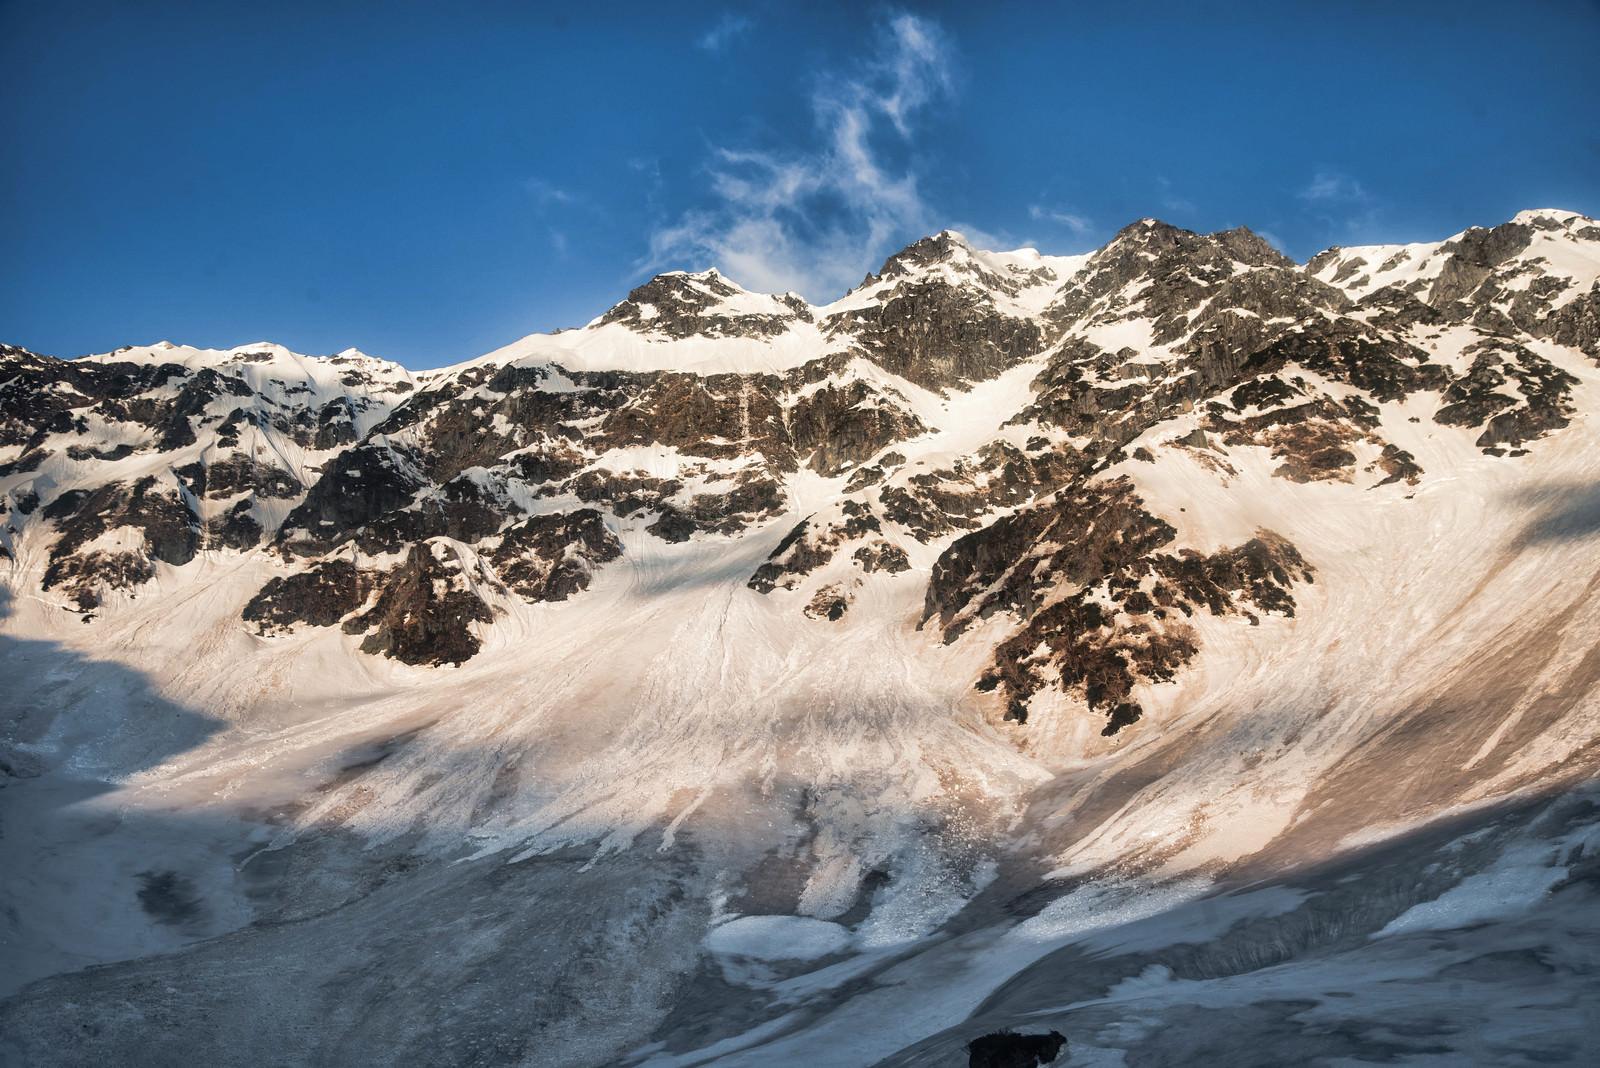 「太陽が差す奥穂高岳の断崖(飛騨山脈)」の写真